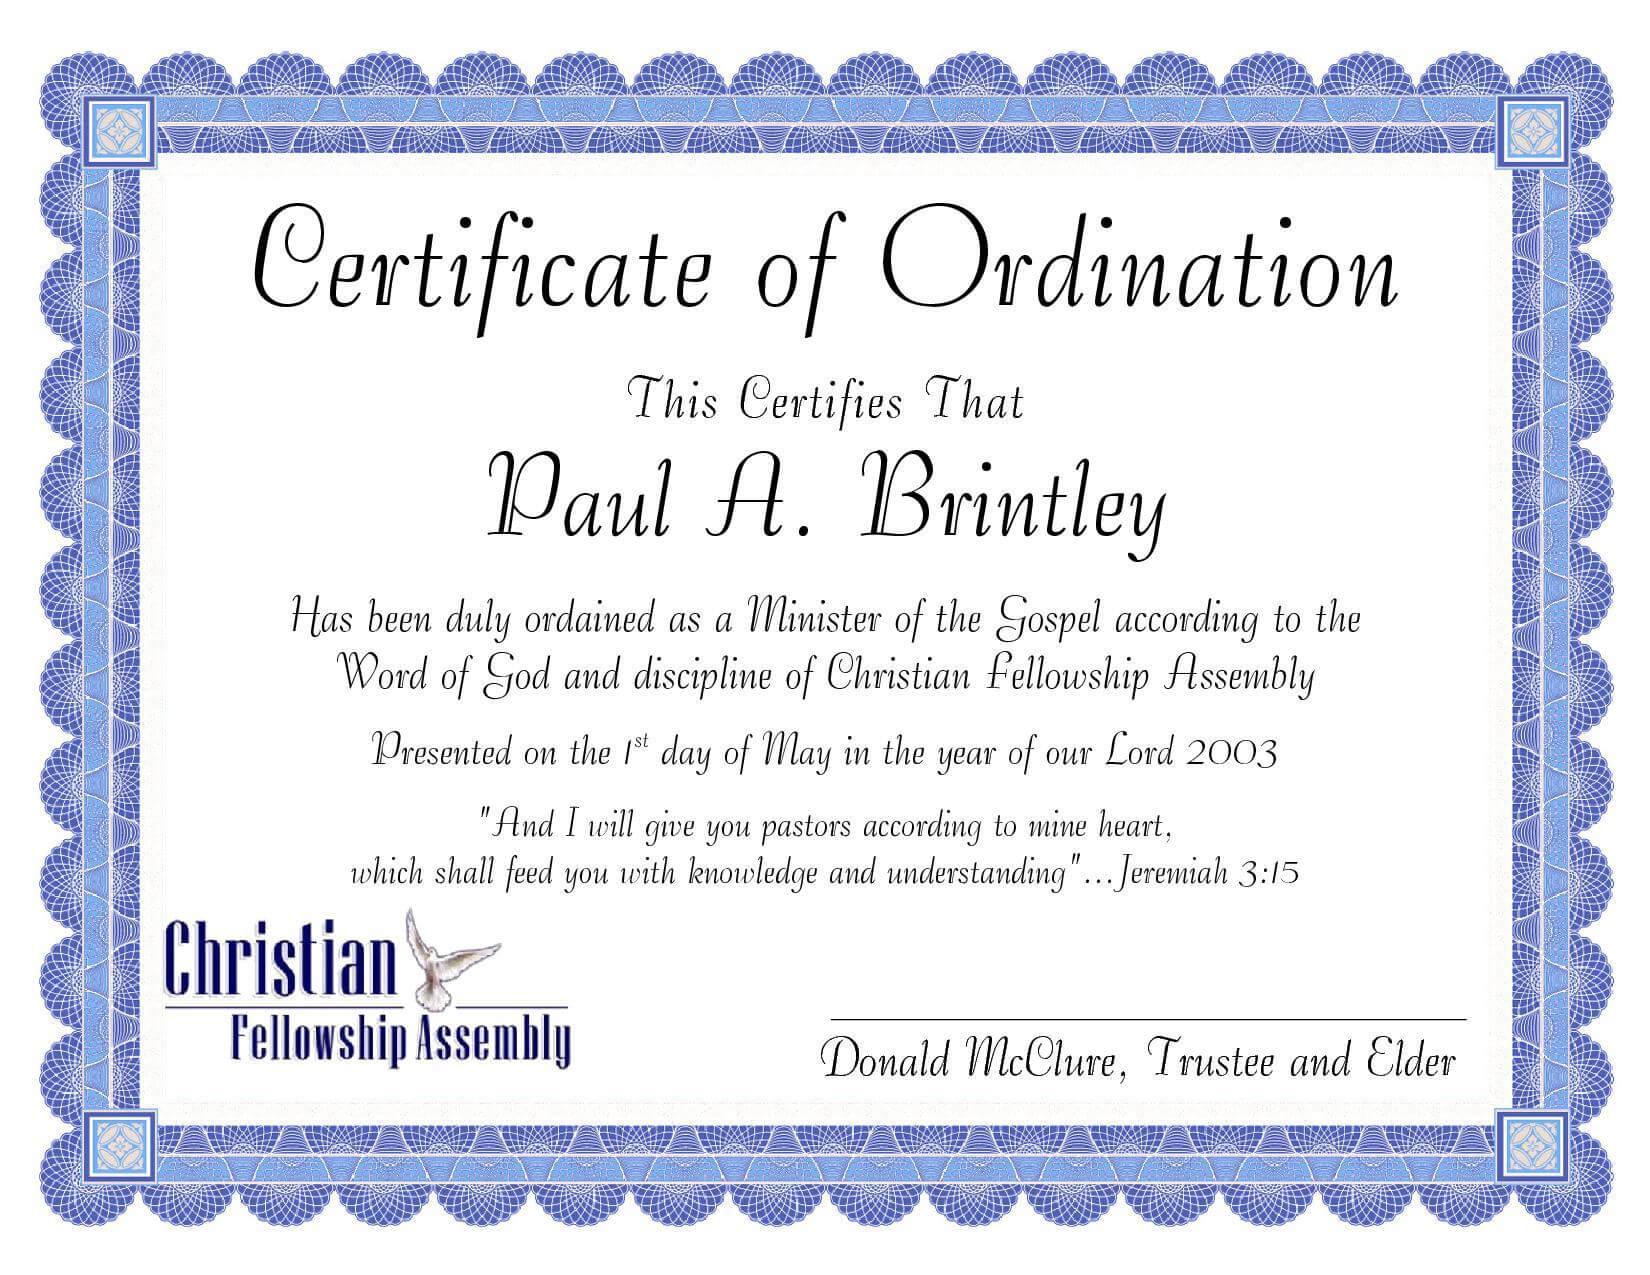 Pastoral Ordination Certificatepatricia Clay - Issuu Inside Certificate Of Ordination Template